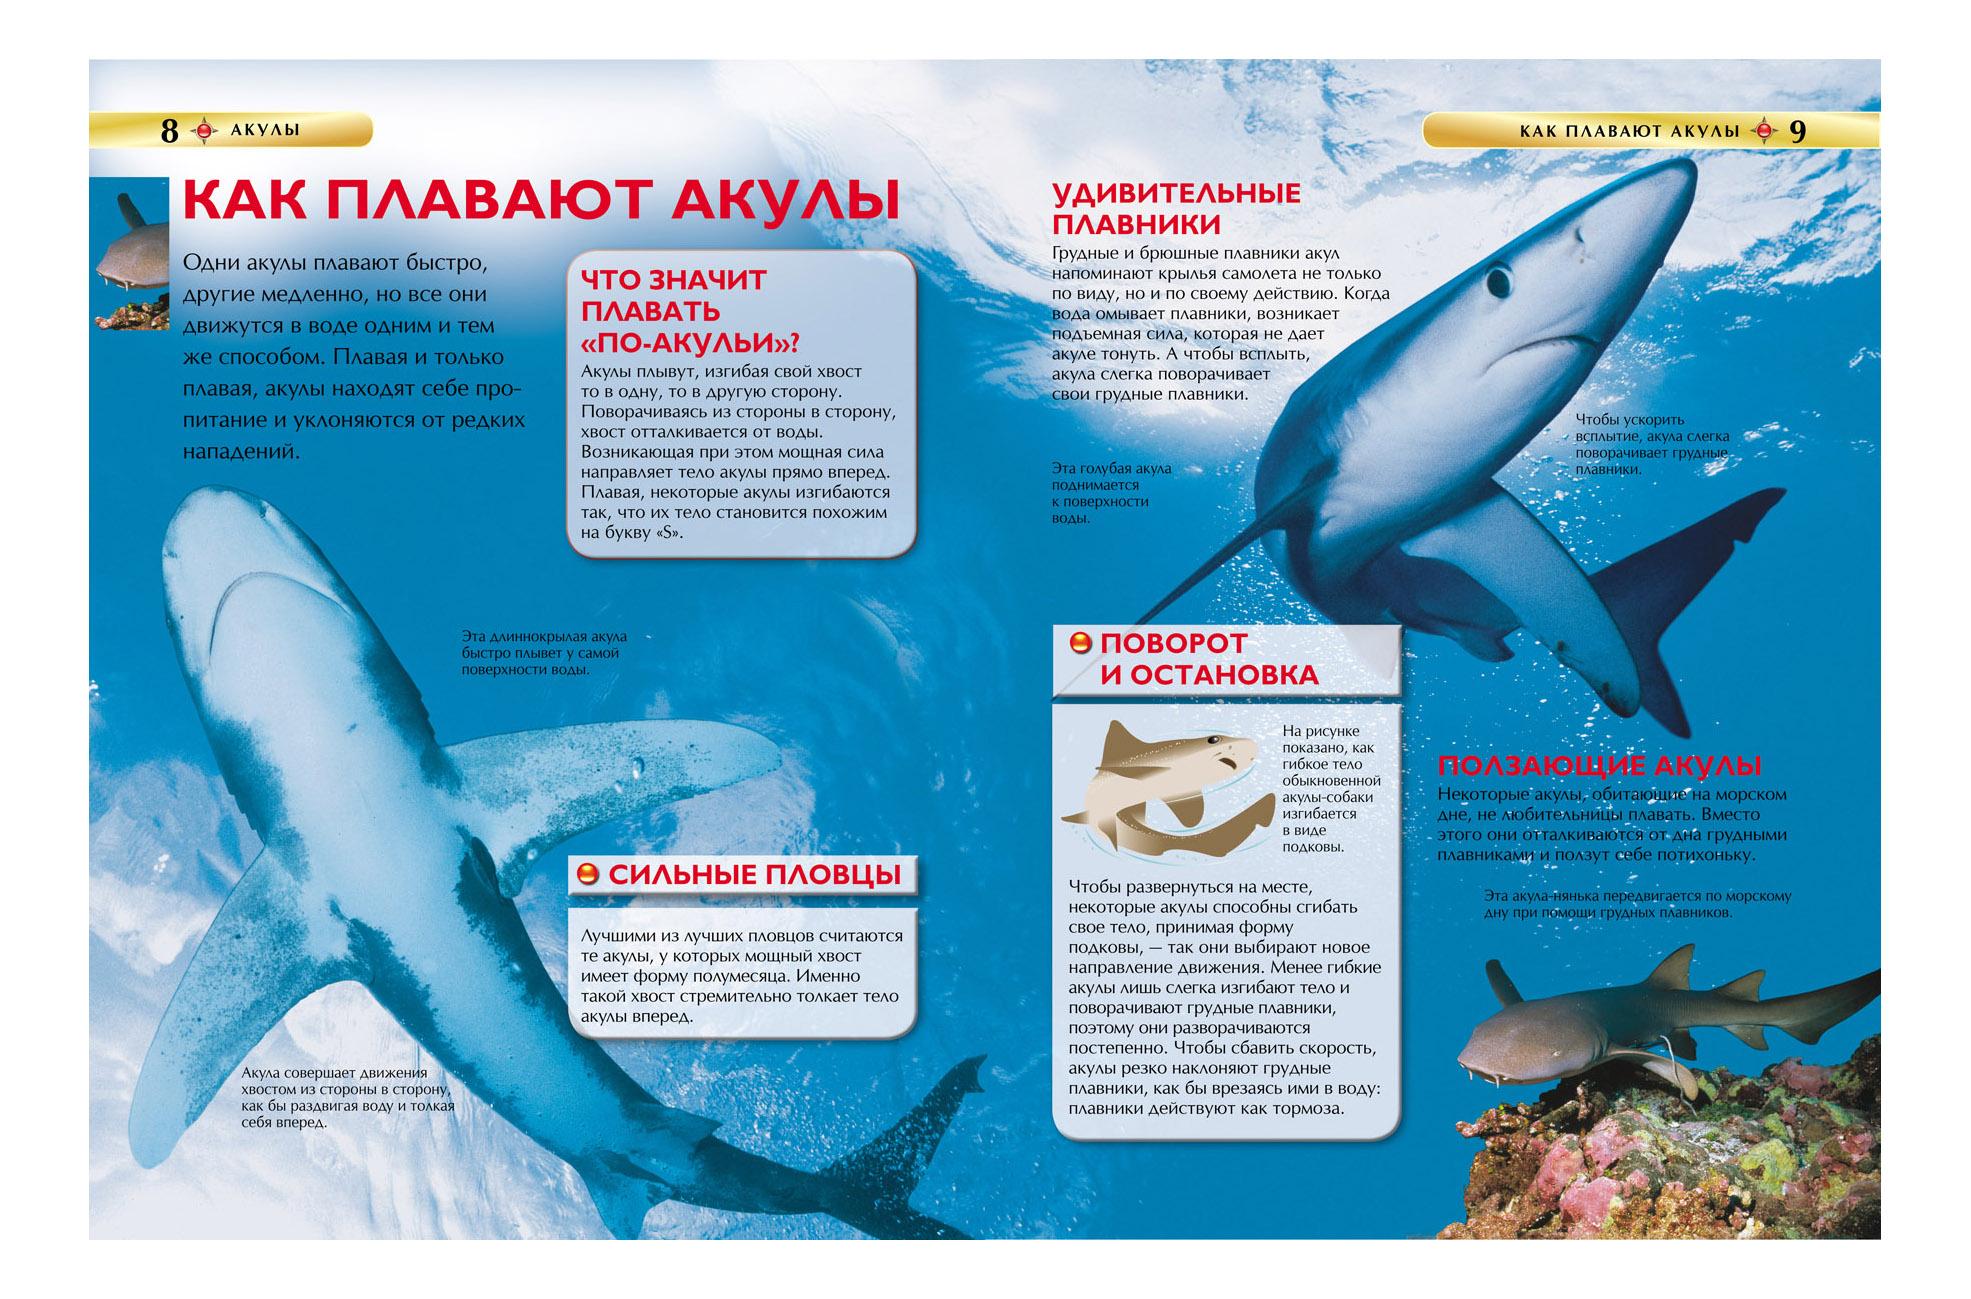 парит картинка акулы и описание супонево лайф это